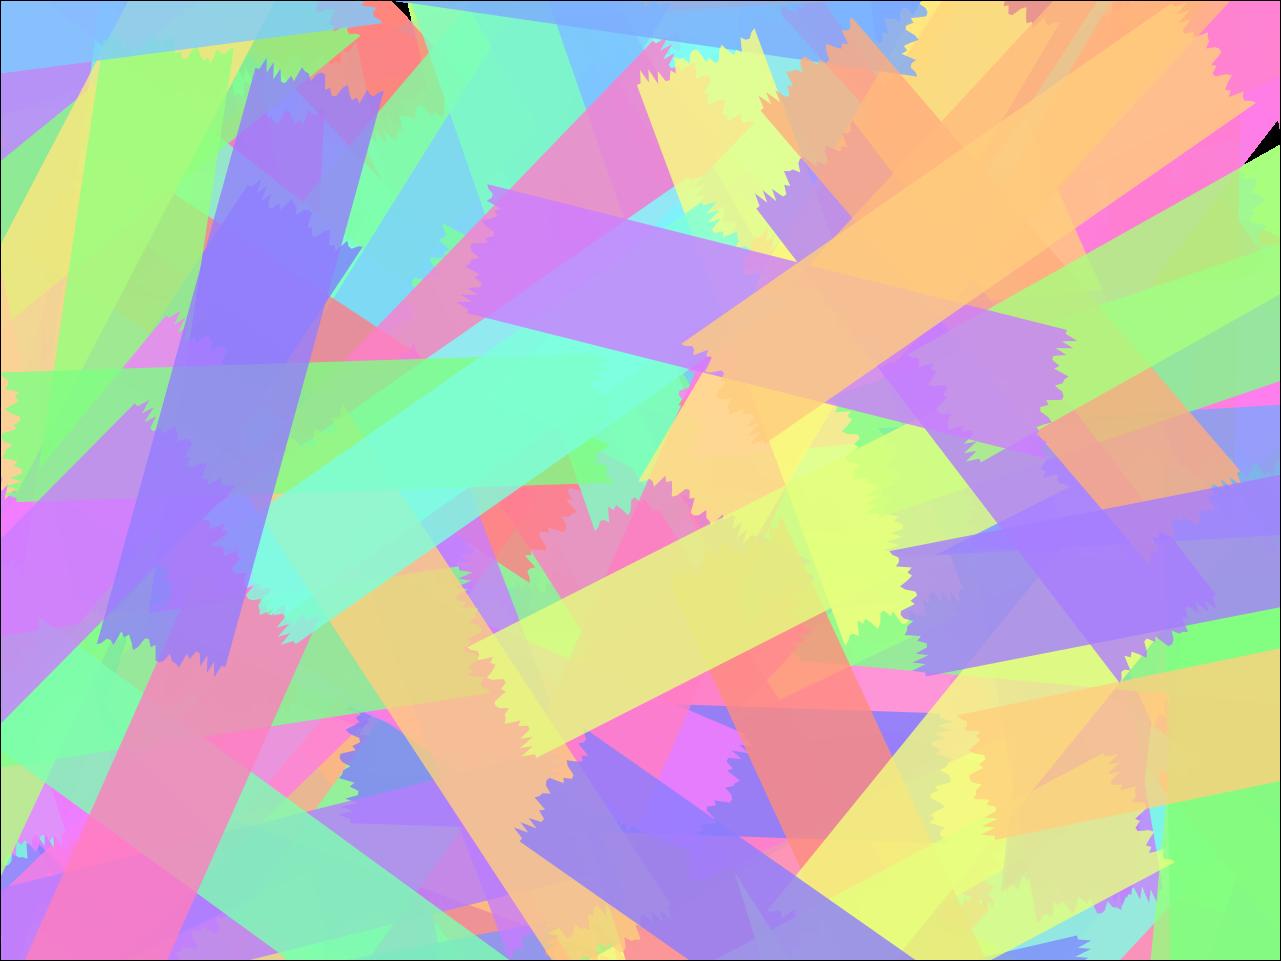 inkscapeのタイルクローンでマスキングテープを張り合わせたパターンを作るチュートリアル